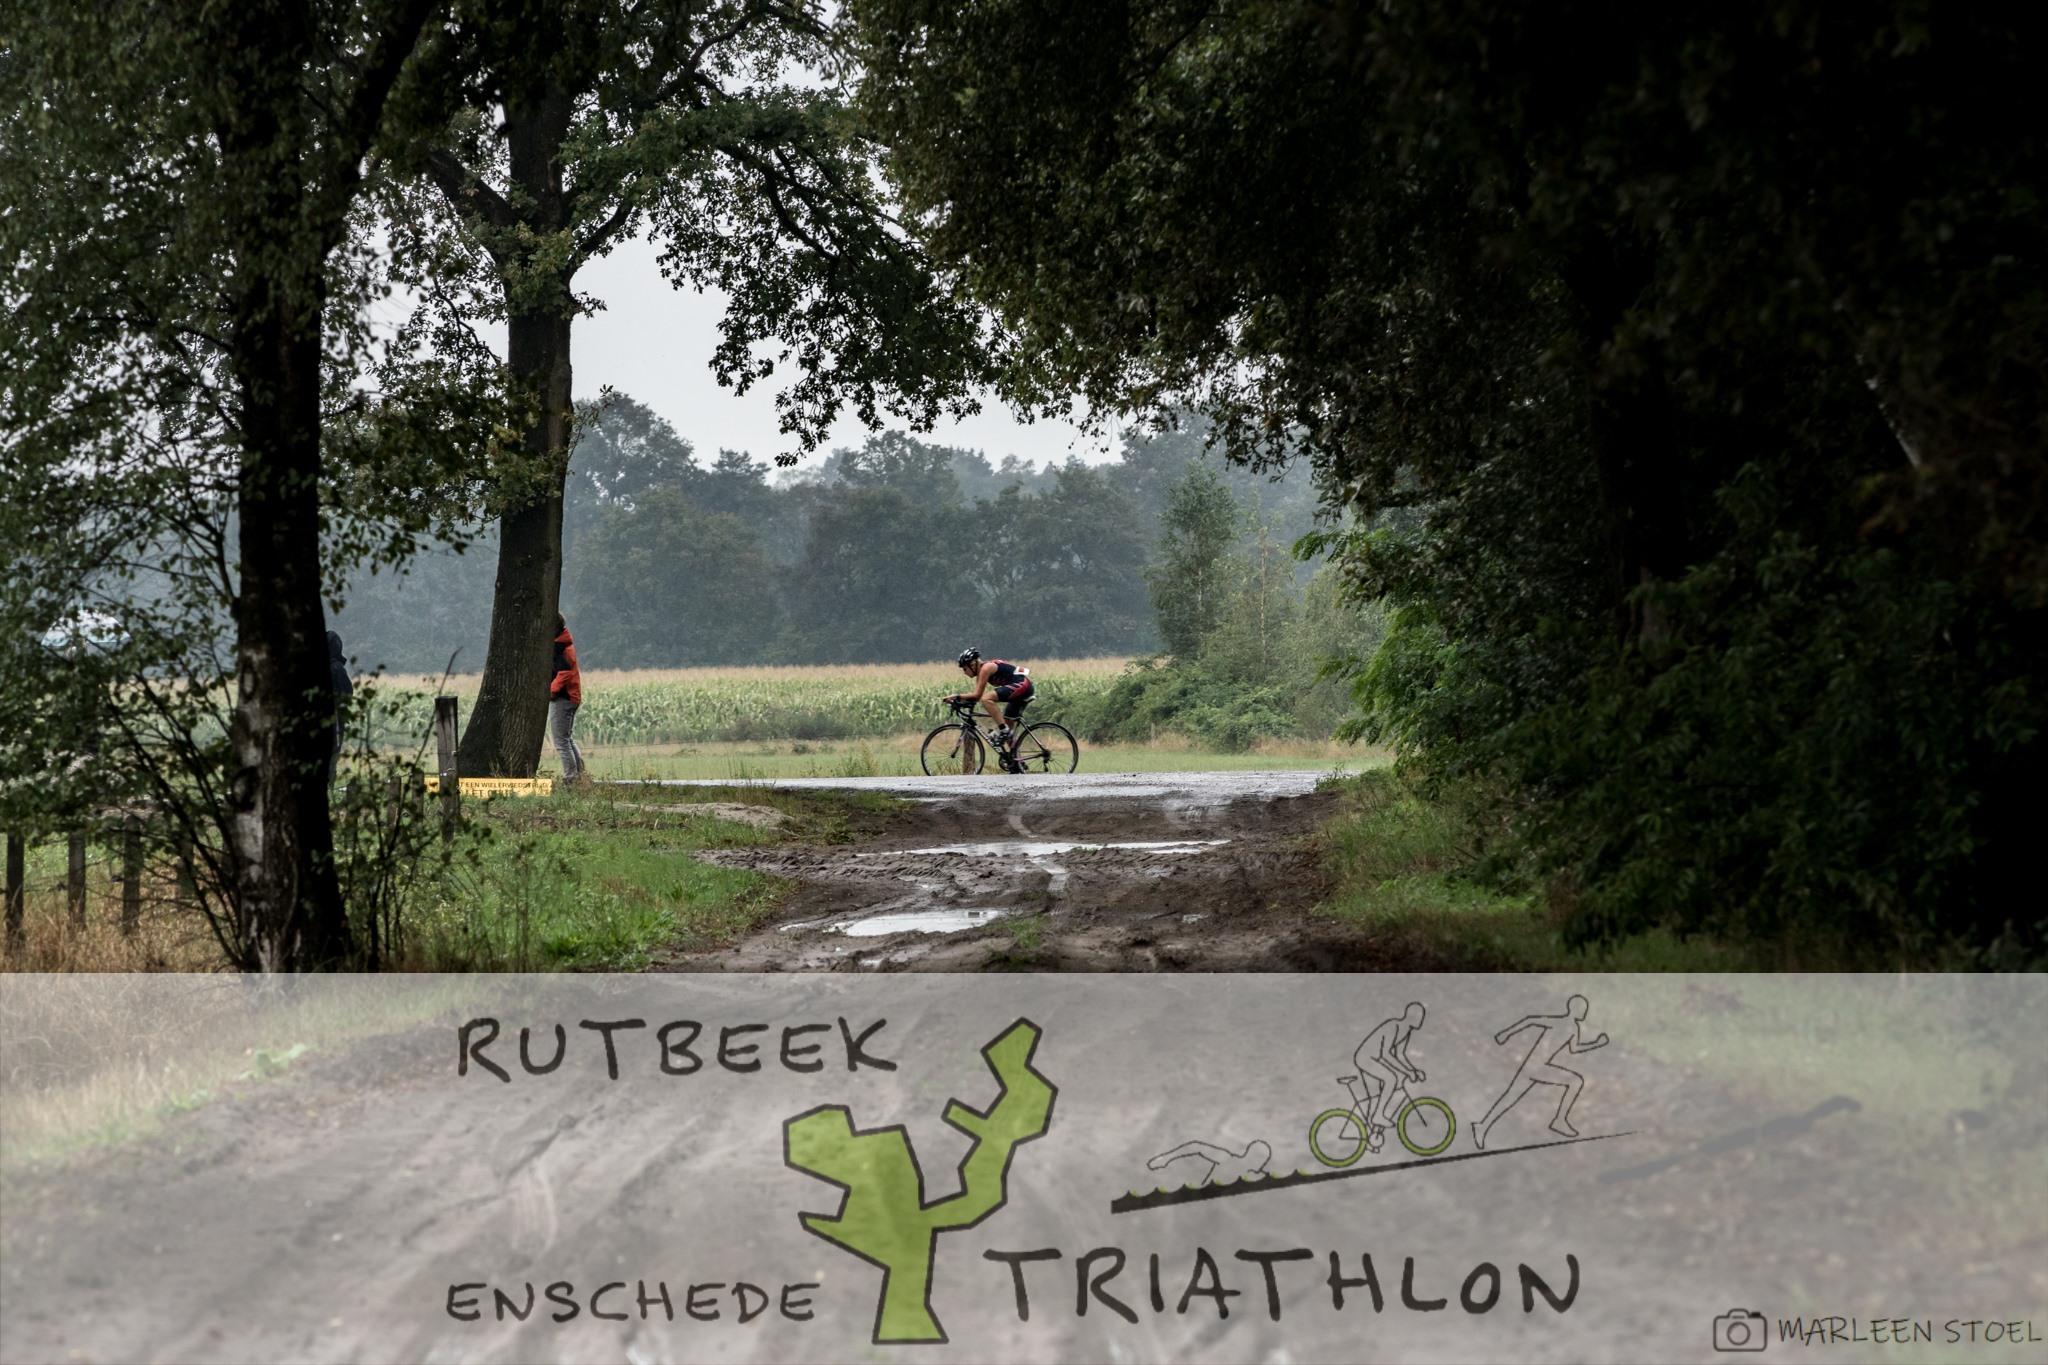 Enschede Triathlon - Bij de recreatieplas Het Rutbeek werd ook dit jaar op 18 augustus 2019 weer de Enschede Rutbeek Triathlon gehouden. Het was weer een erg leuke en gezellige dag met mooie wedstrijden.-> meer info